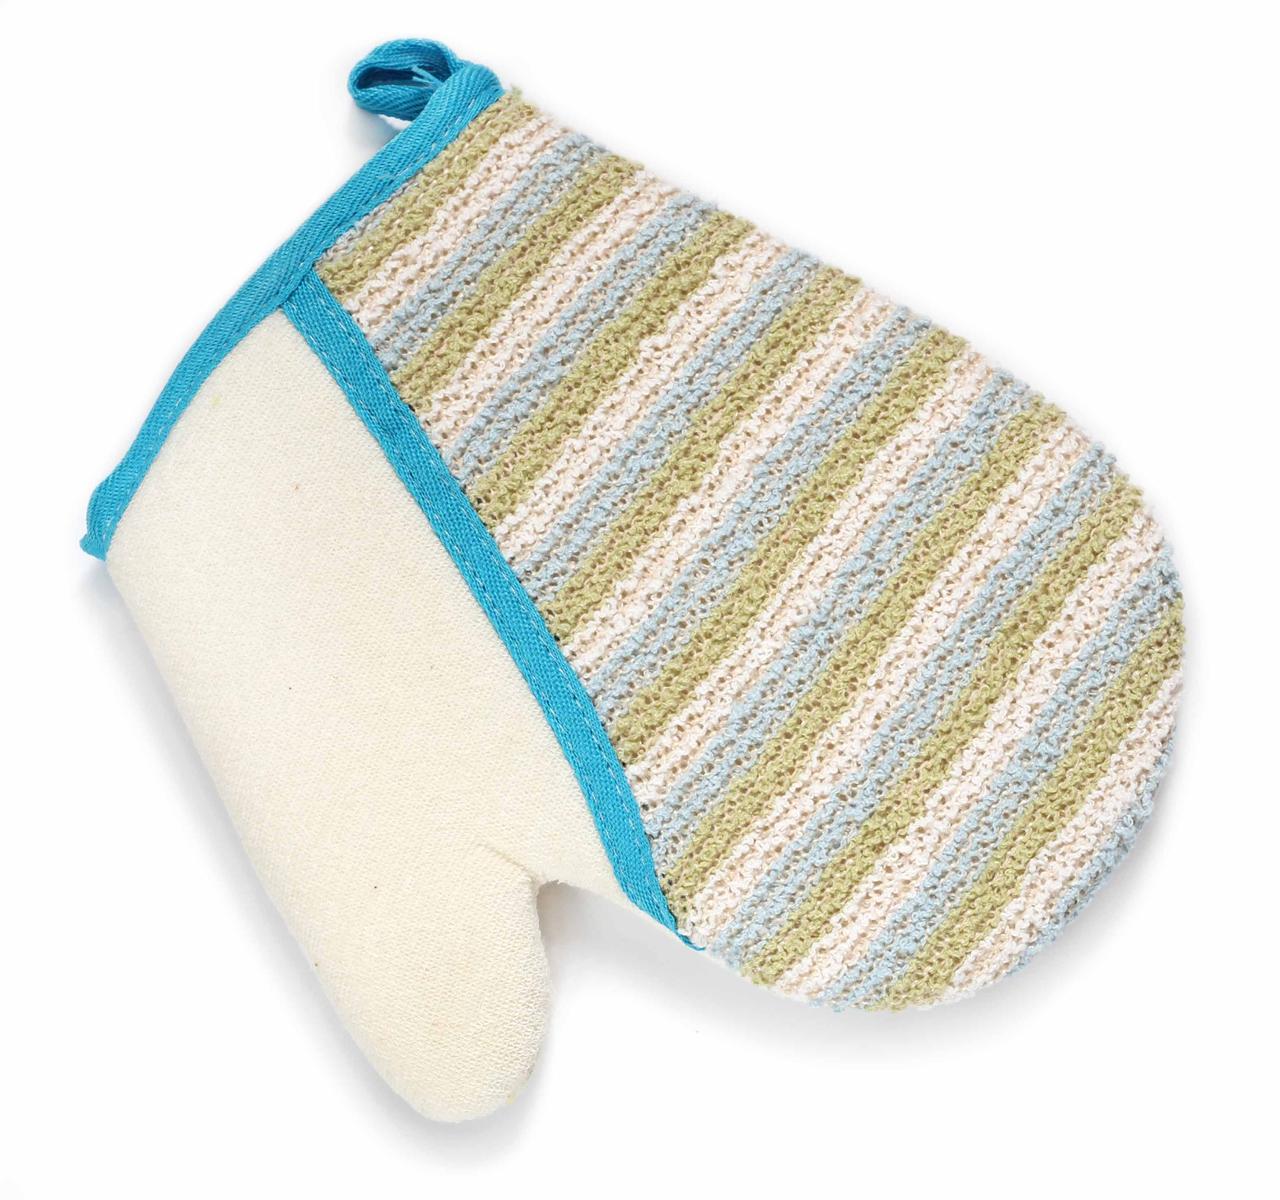 цена на Silva Мочалка-рукавица, хлопок-сизаль, цвет: бежевый с синей голубой